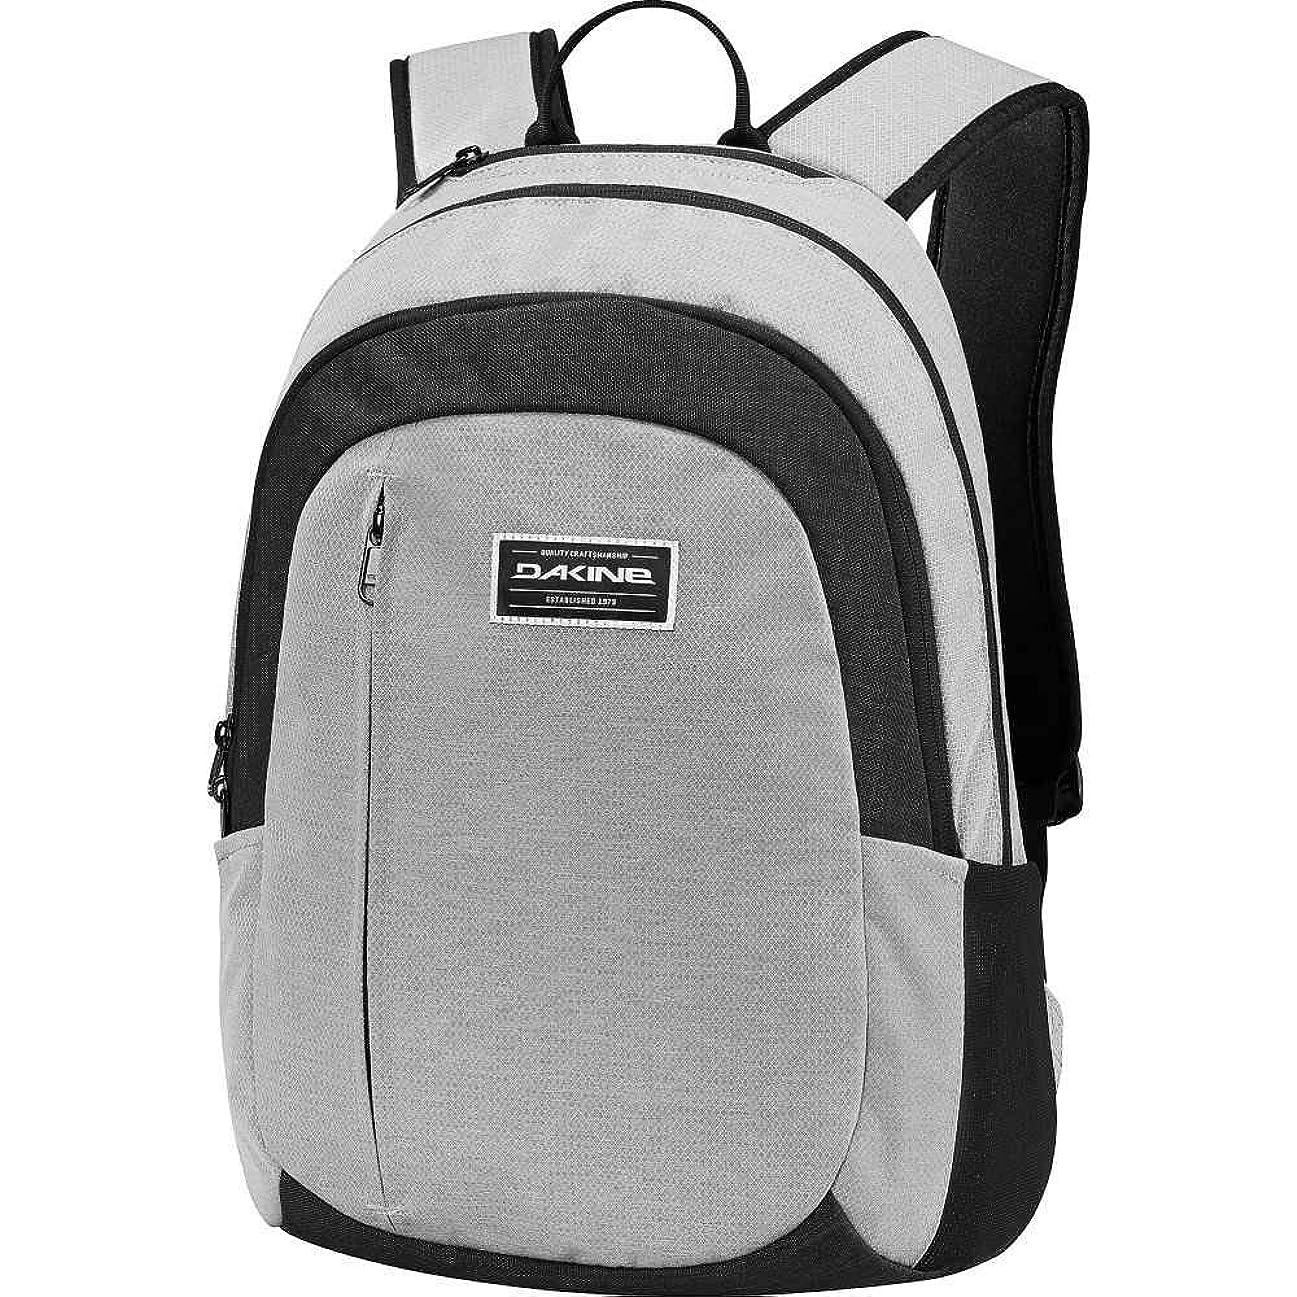 機密余裕があるロマンチック(ダカイン) DAKINE メンズ バッグ パソコンバッグ Factor 22L Laptop Backpack [並行輸入品]